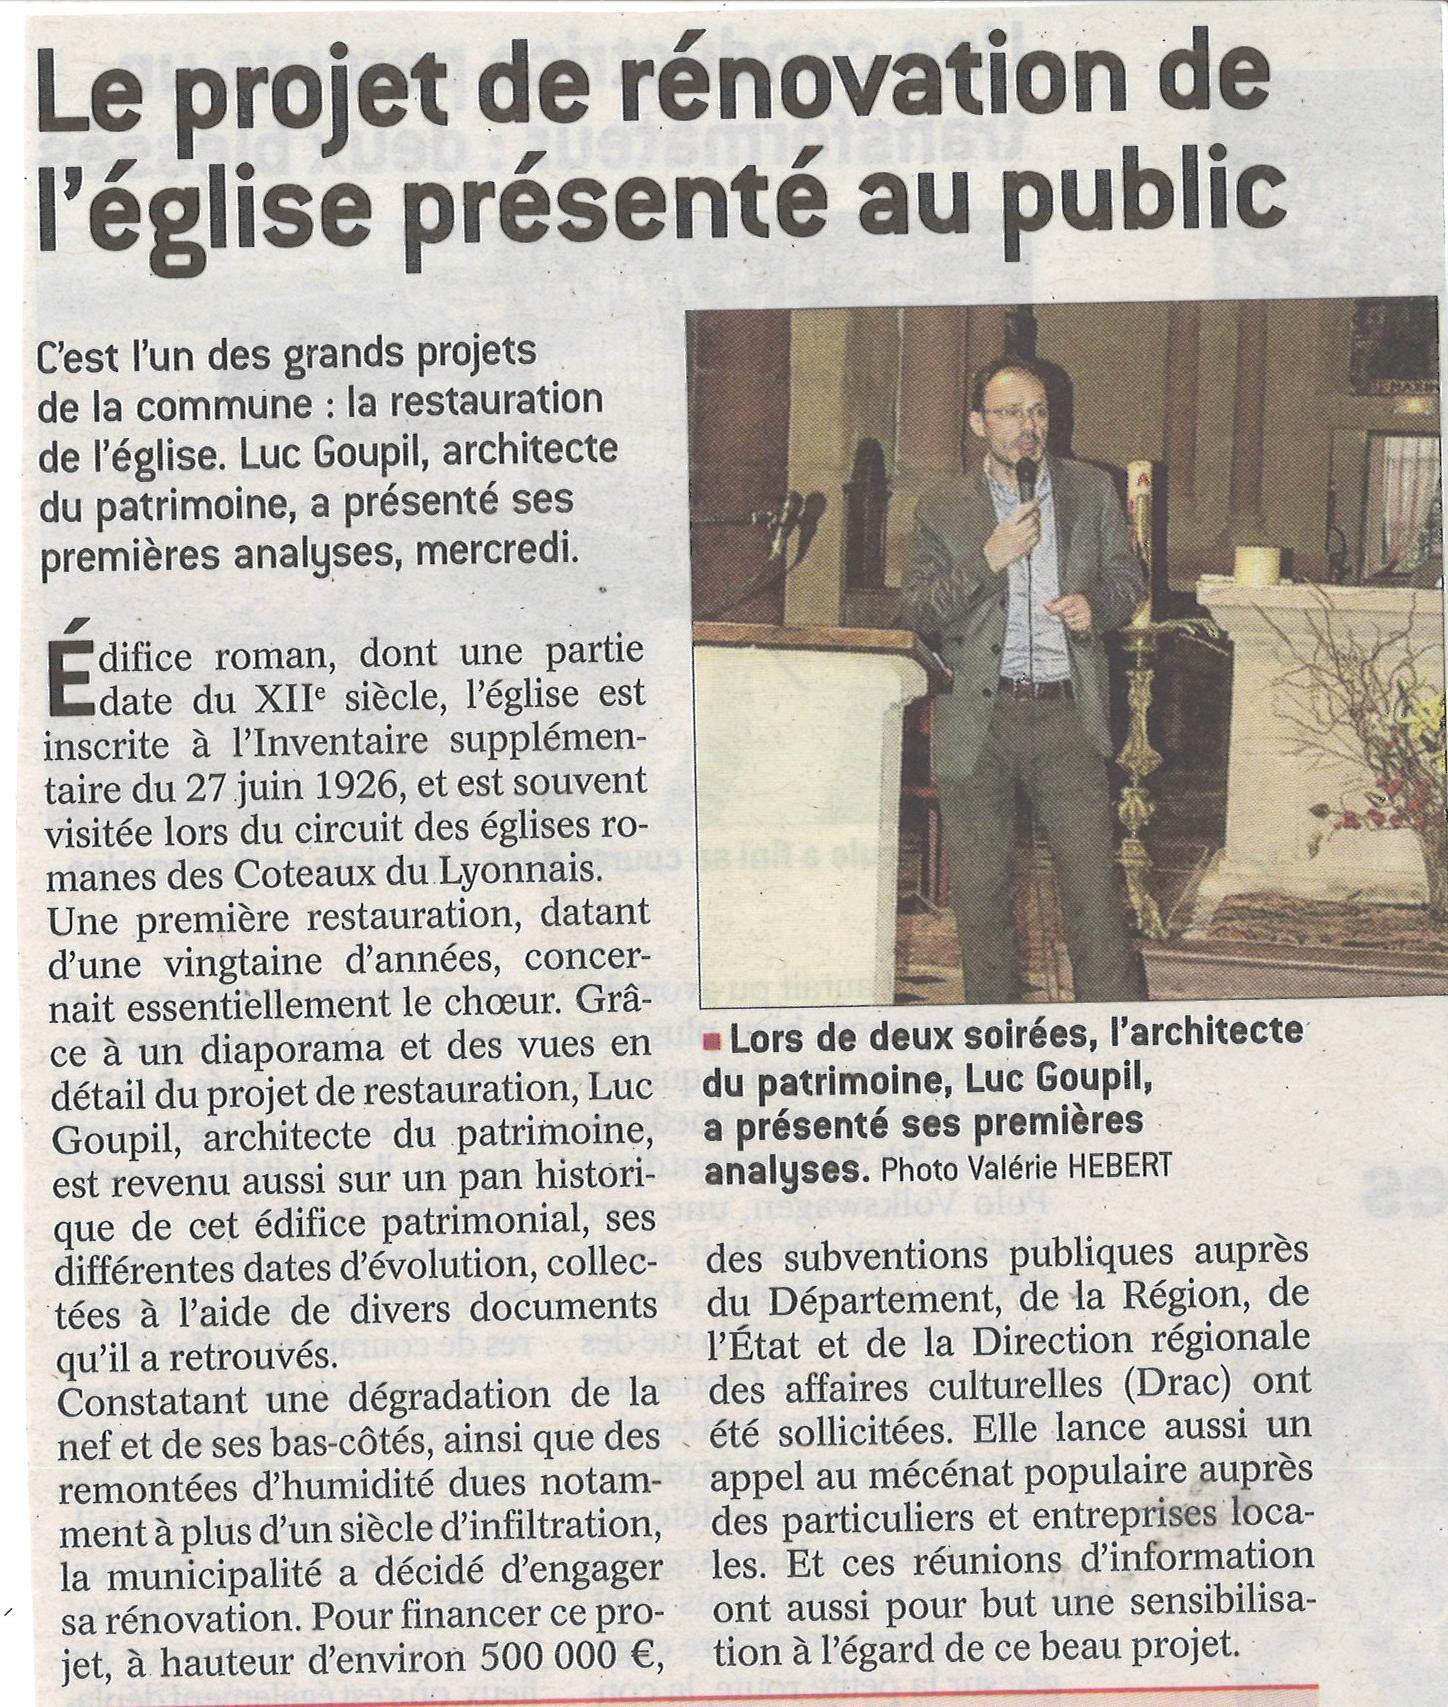 2018-05-08 PROJET DE RENOVATION DE L'EGLISE PRESENTE AU PUBLIC